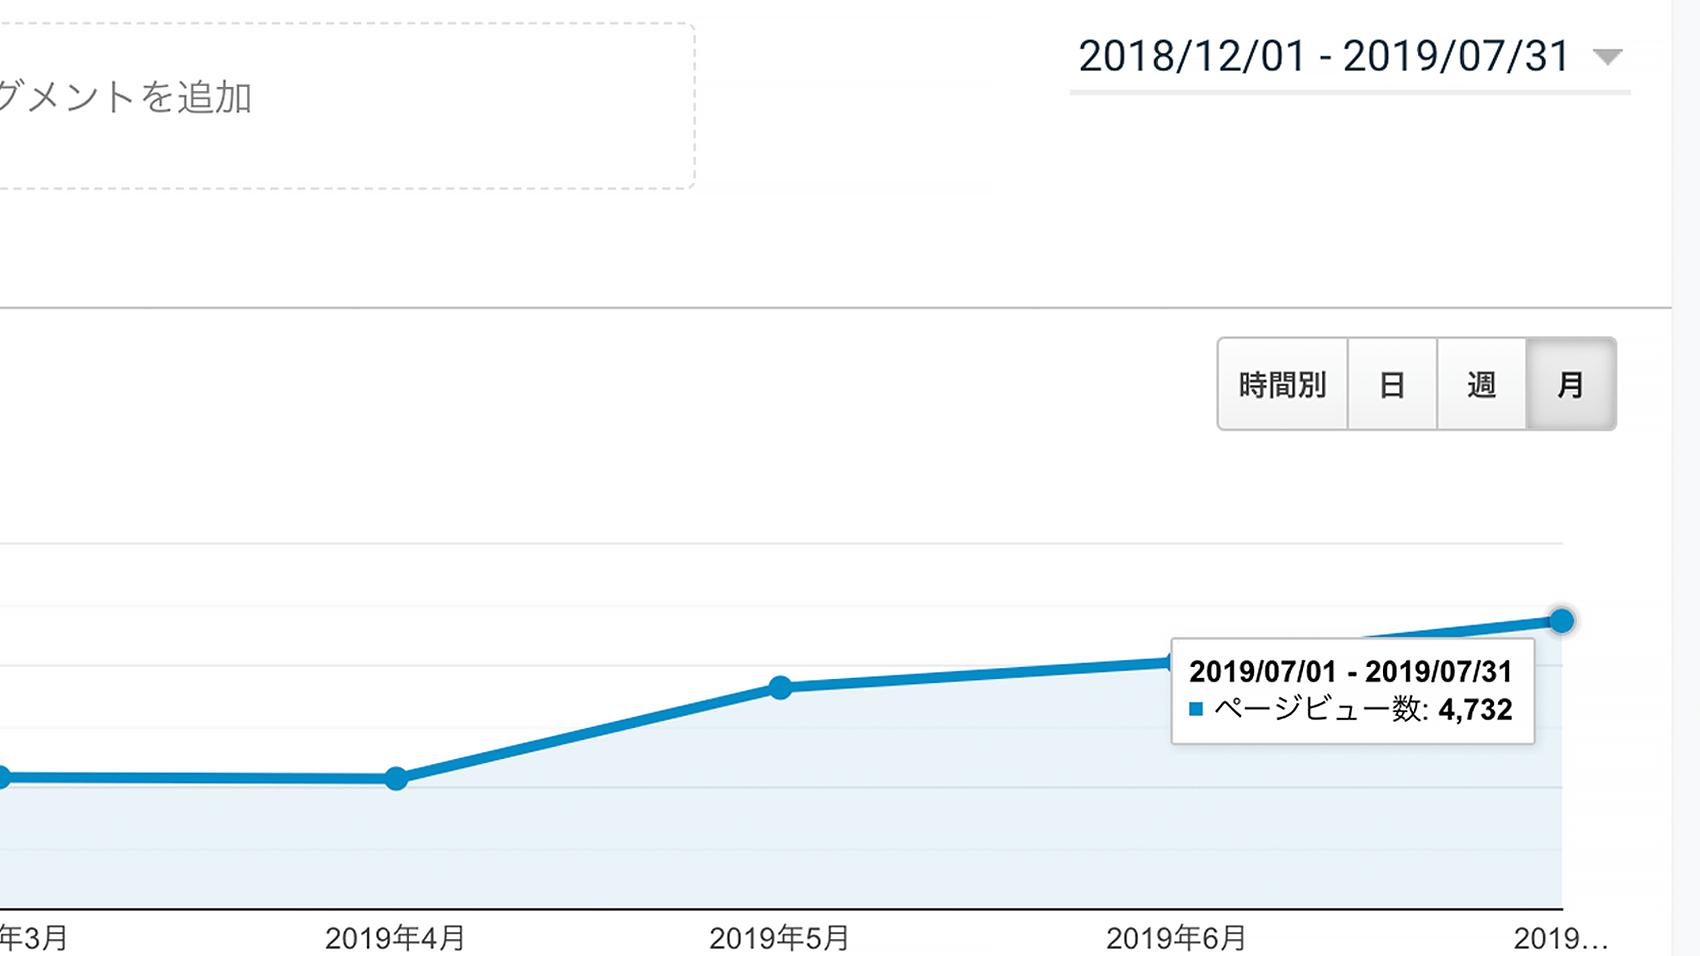 7月のPV数